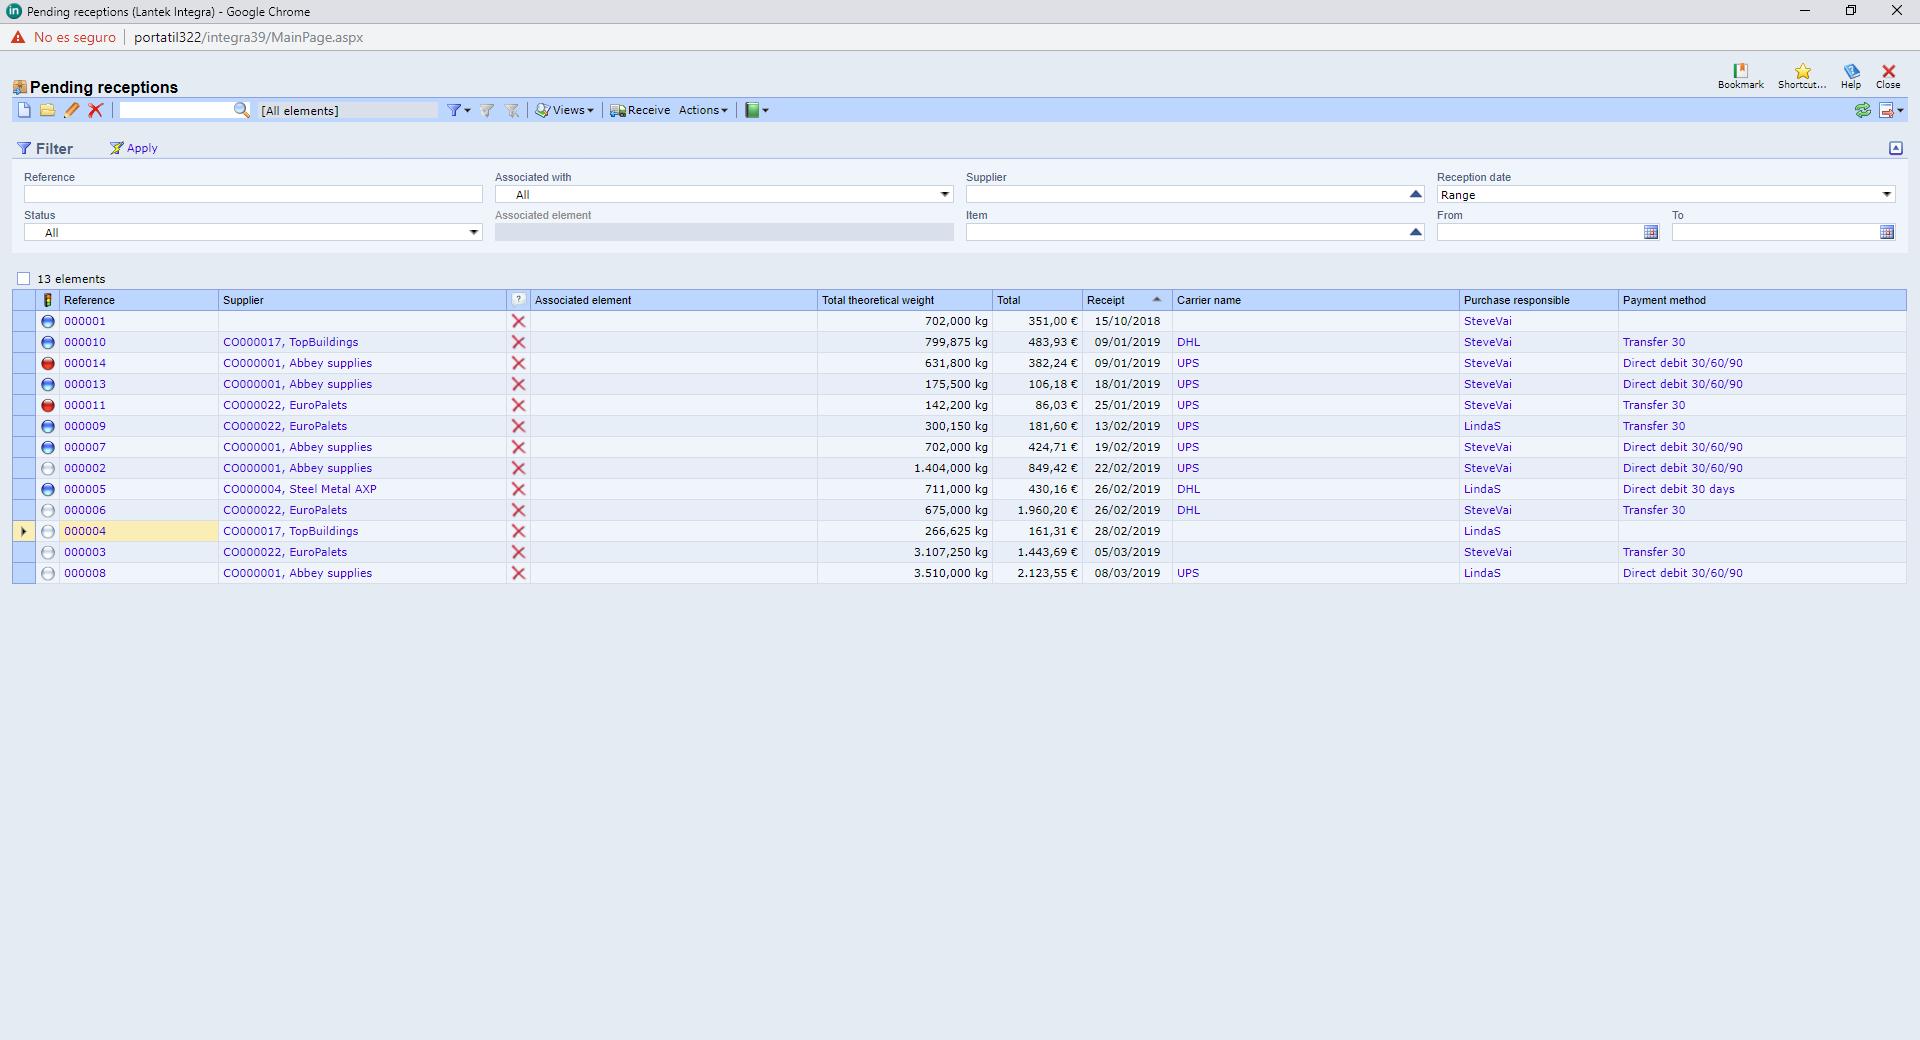 Lantek integra Inventory  - Przyjęcia oczekujące